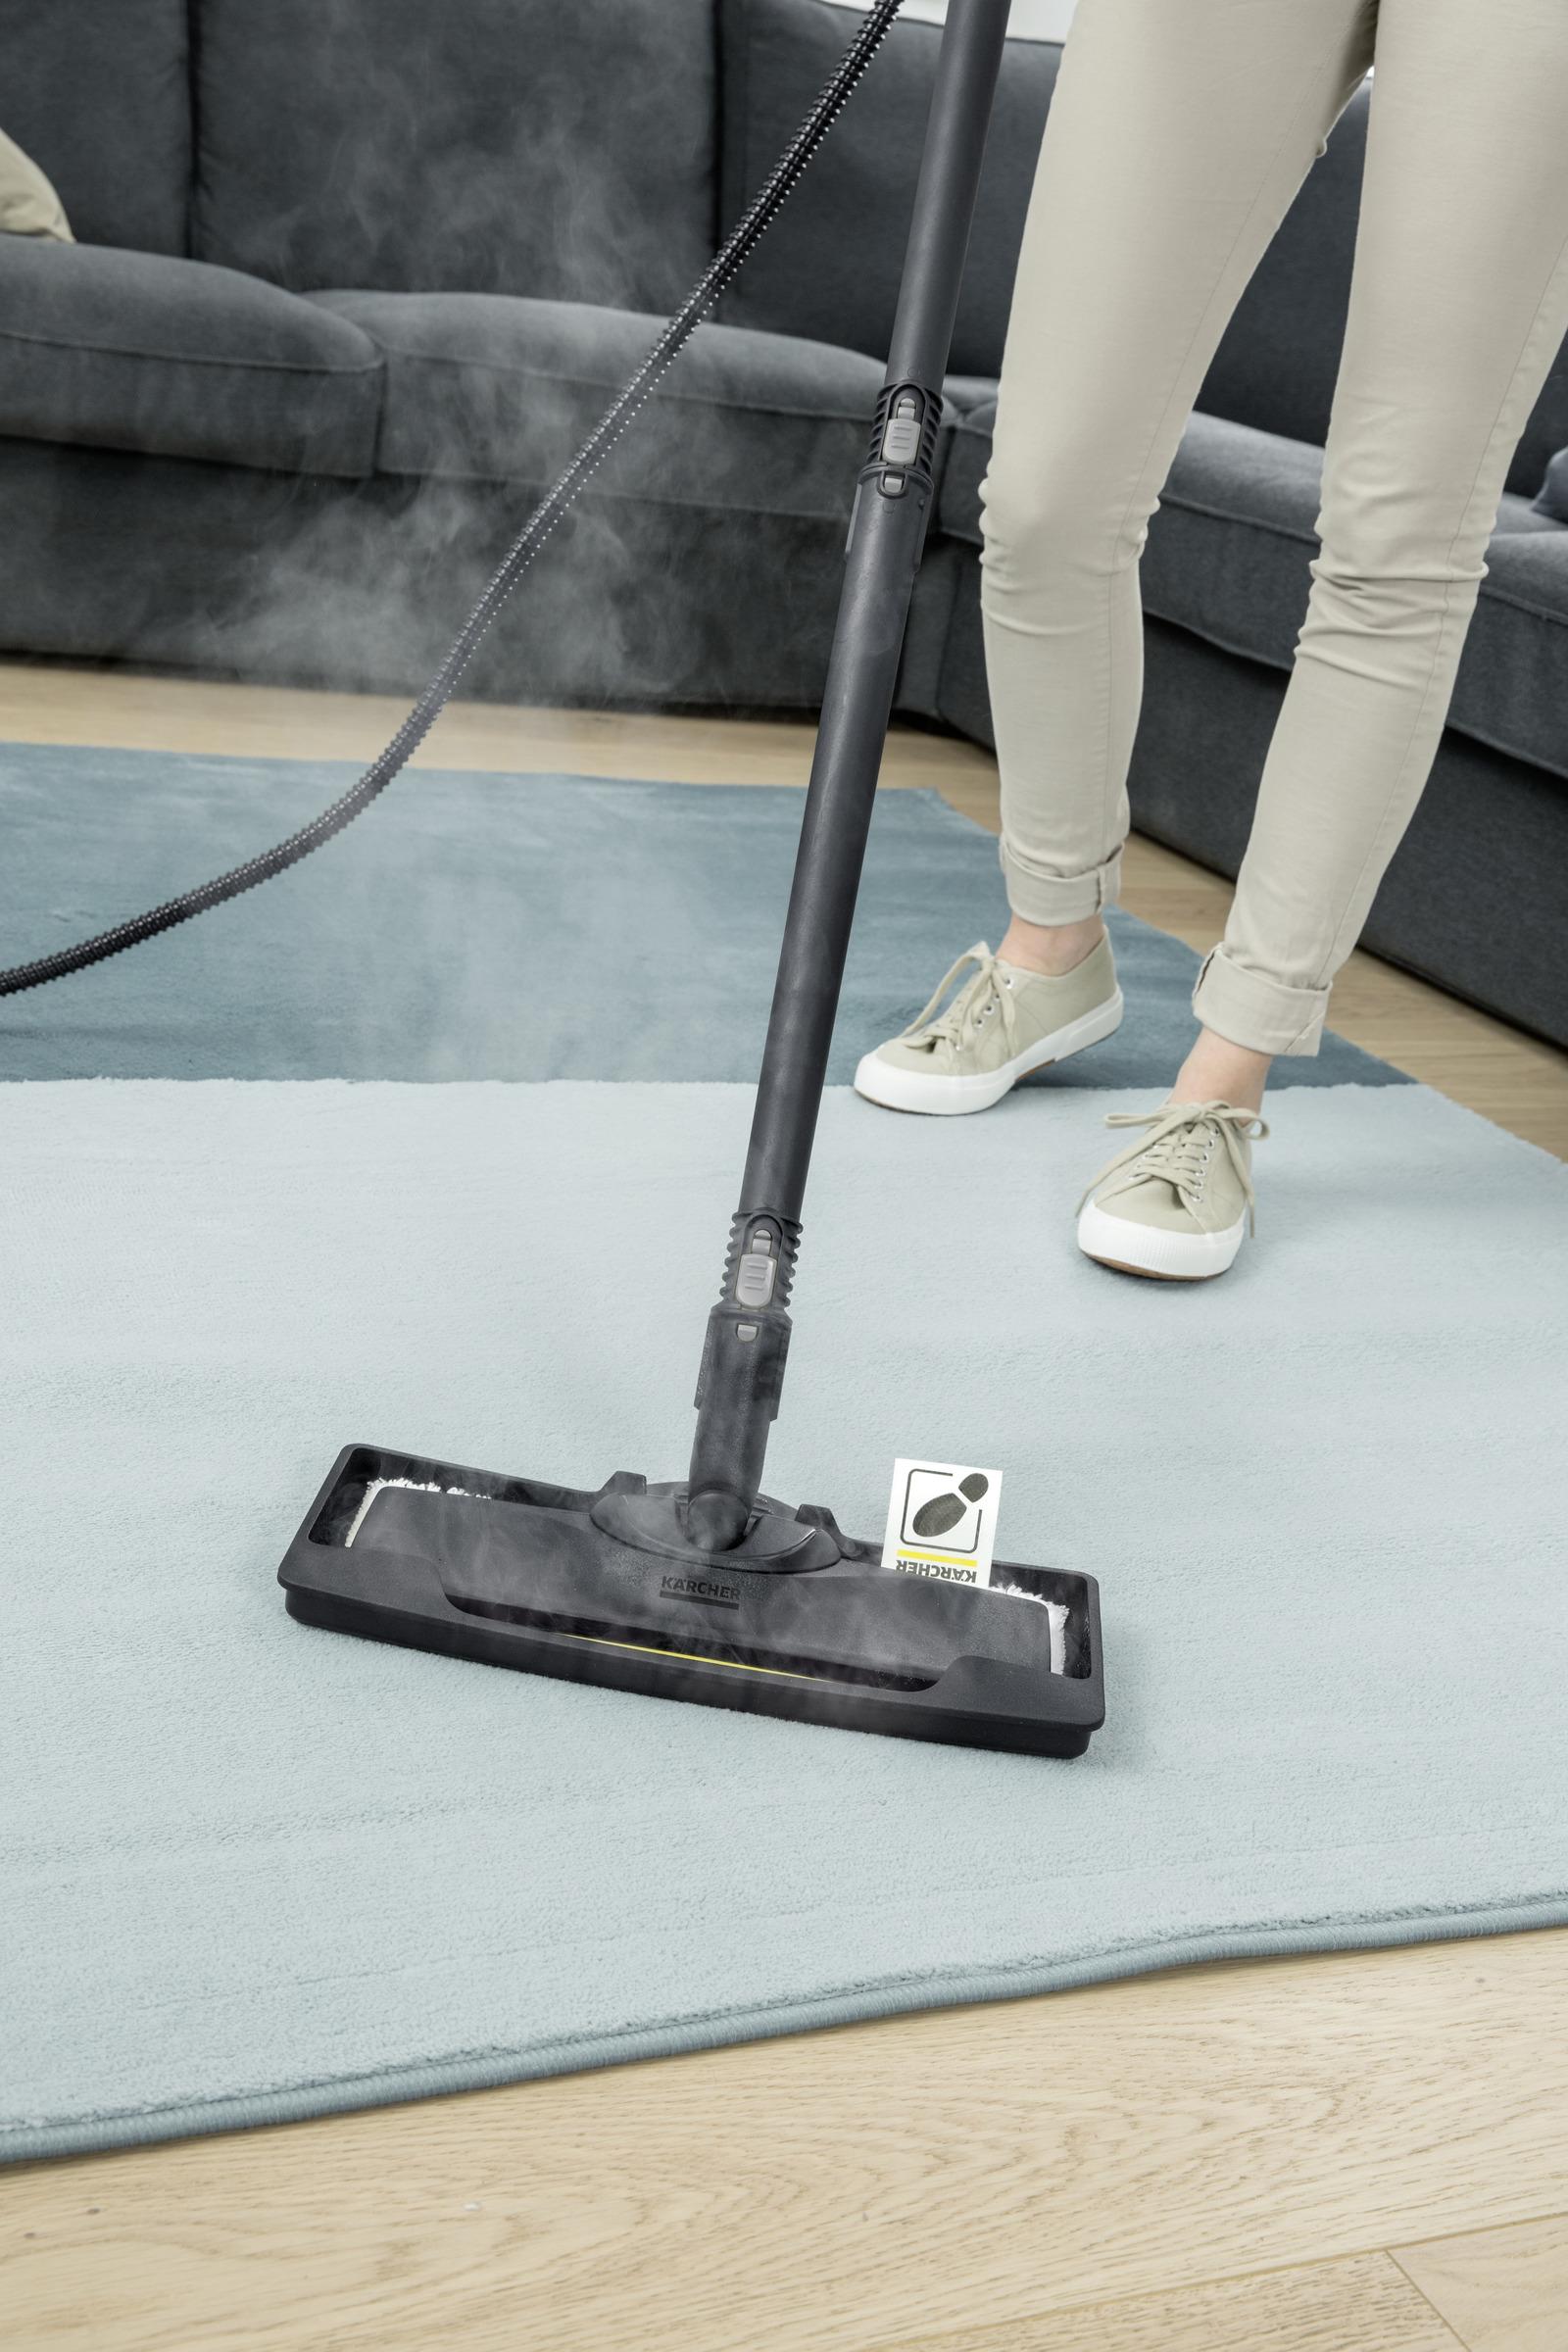 dampfreiniger sc 5 easyfix premium k rcher. Black Bedroom Furniture Sets. Home Design Ideas